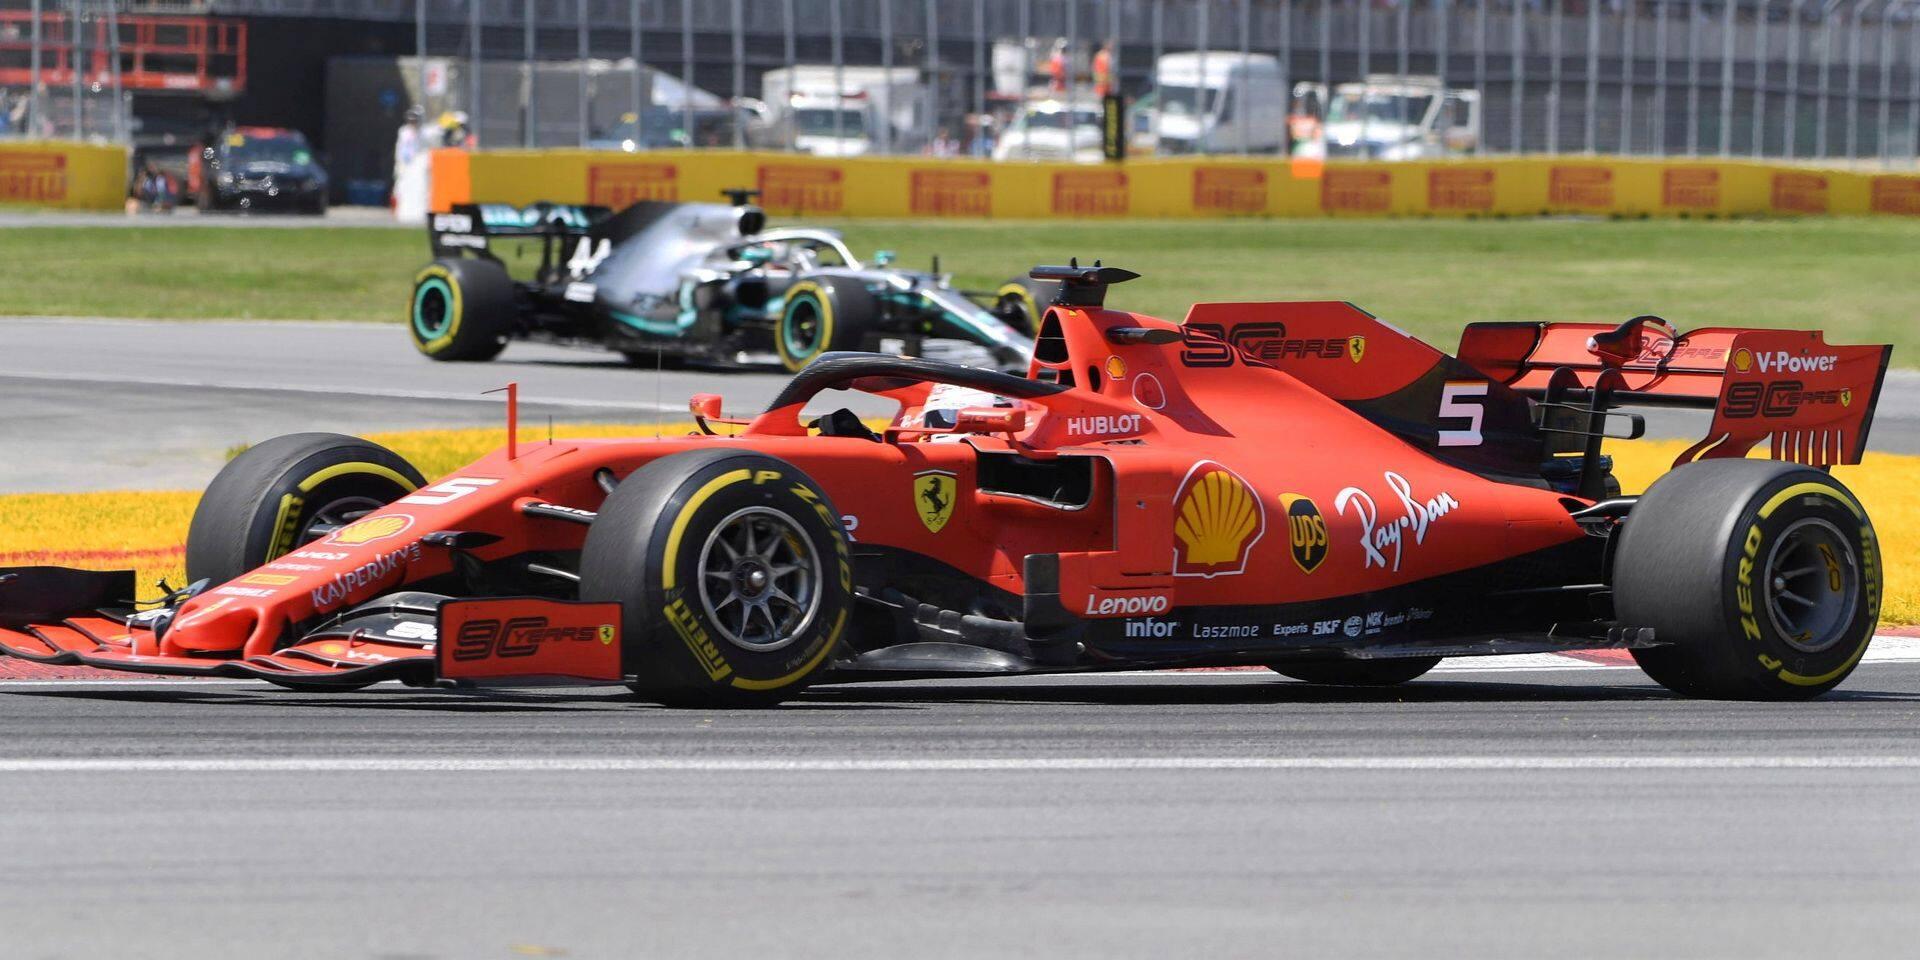 GP Canada: Hamilton vainqueur grâce à une pénalité contre Vettel